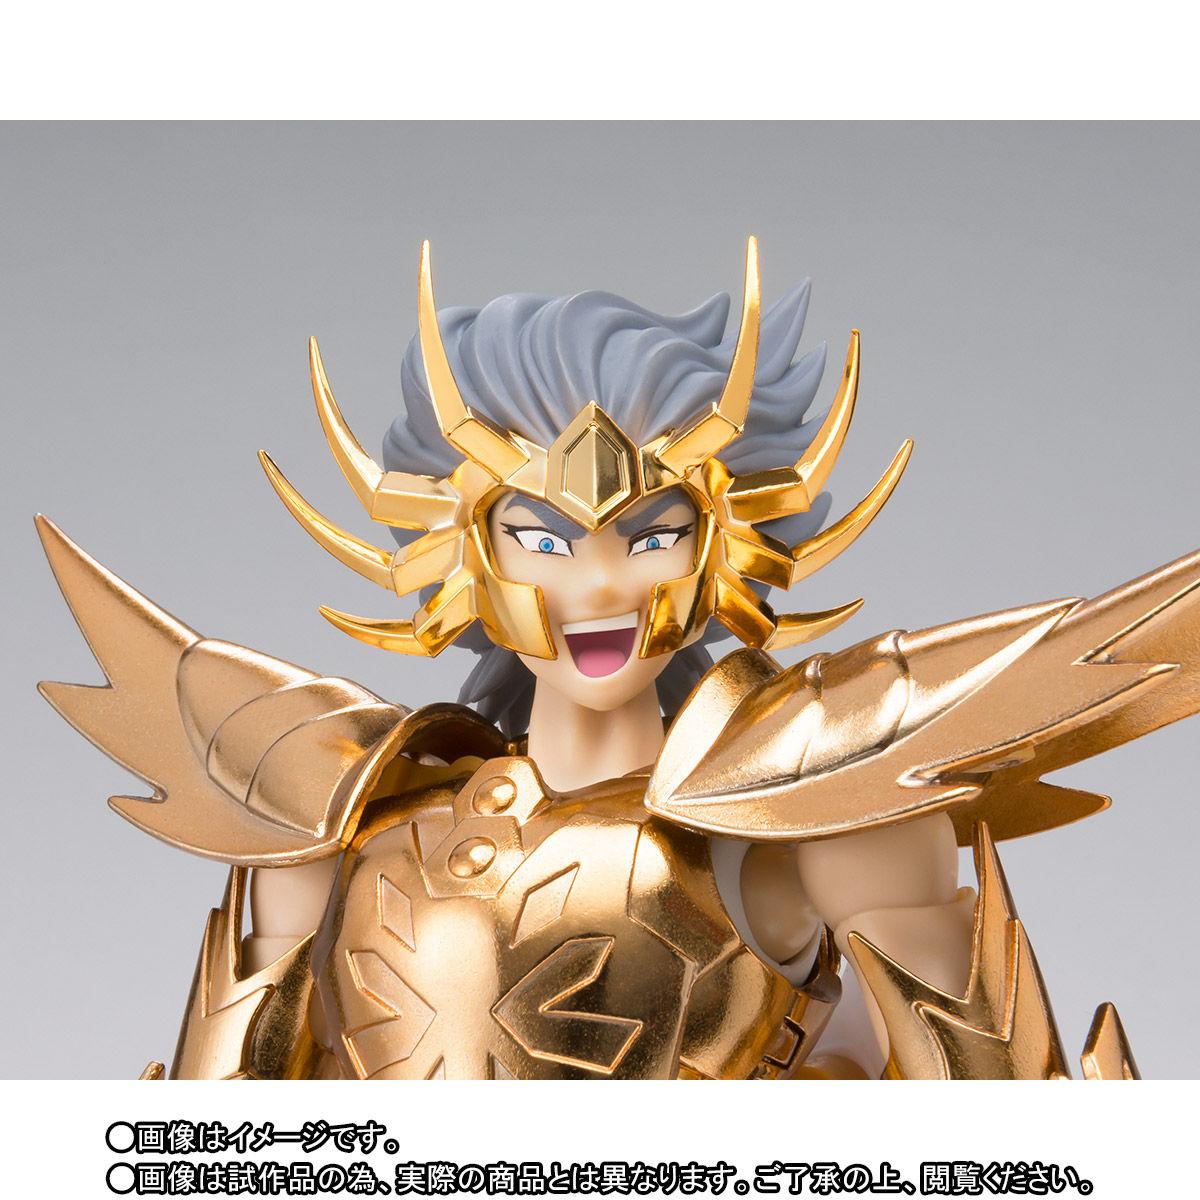 【限定販売】聖闘士聖衣神話EX『キャンサー デスマスク ~ORIGINAL COLOR EDITION~』可動フィギュア-005